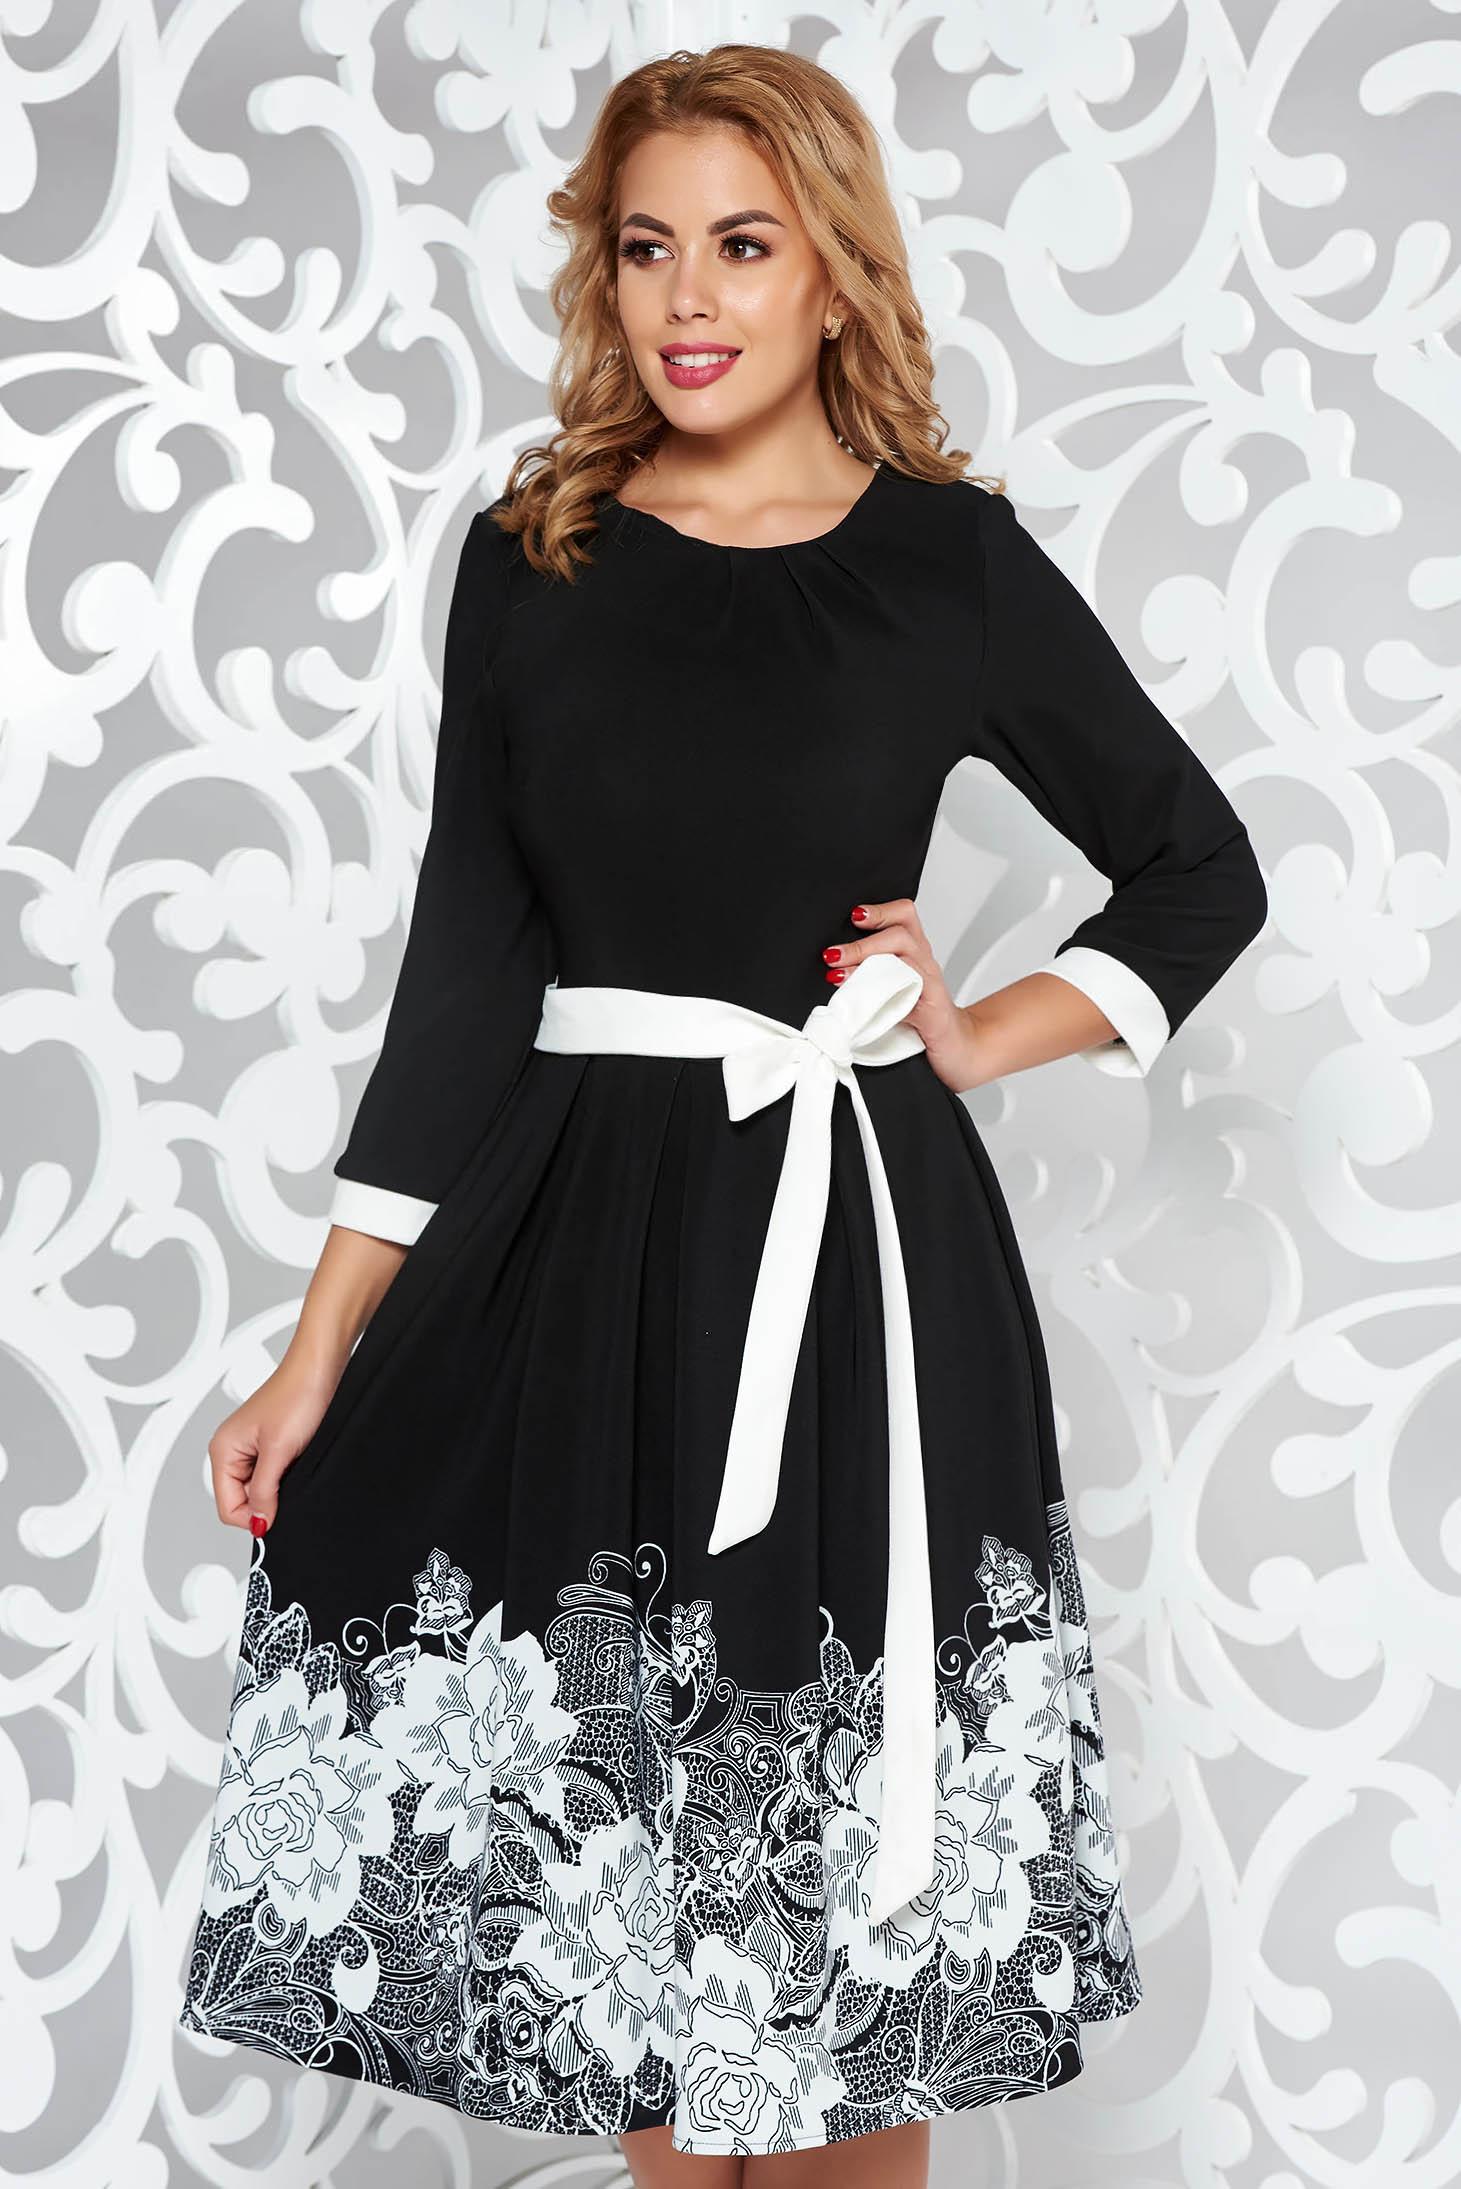 Fekete elegáns harang ruha finom tapintású anyag övvel ellátva virágmintás 425b3c76e0